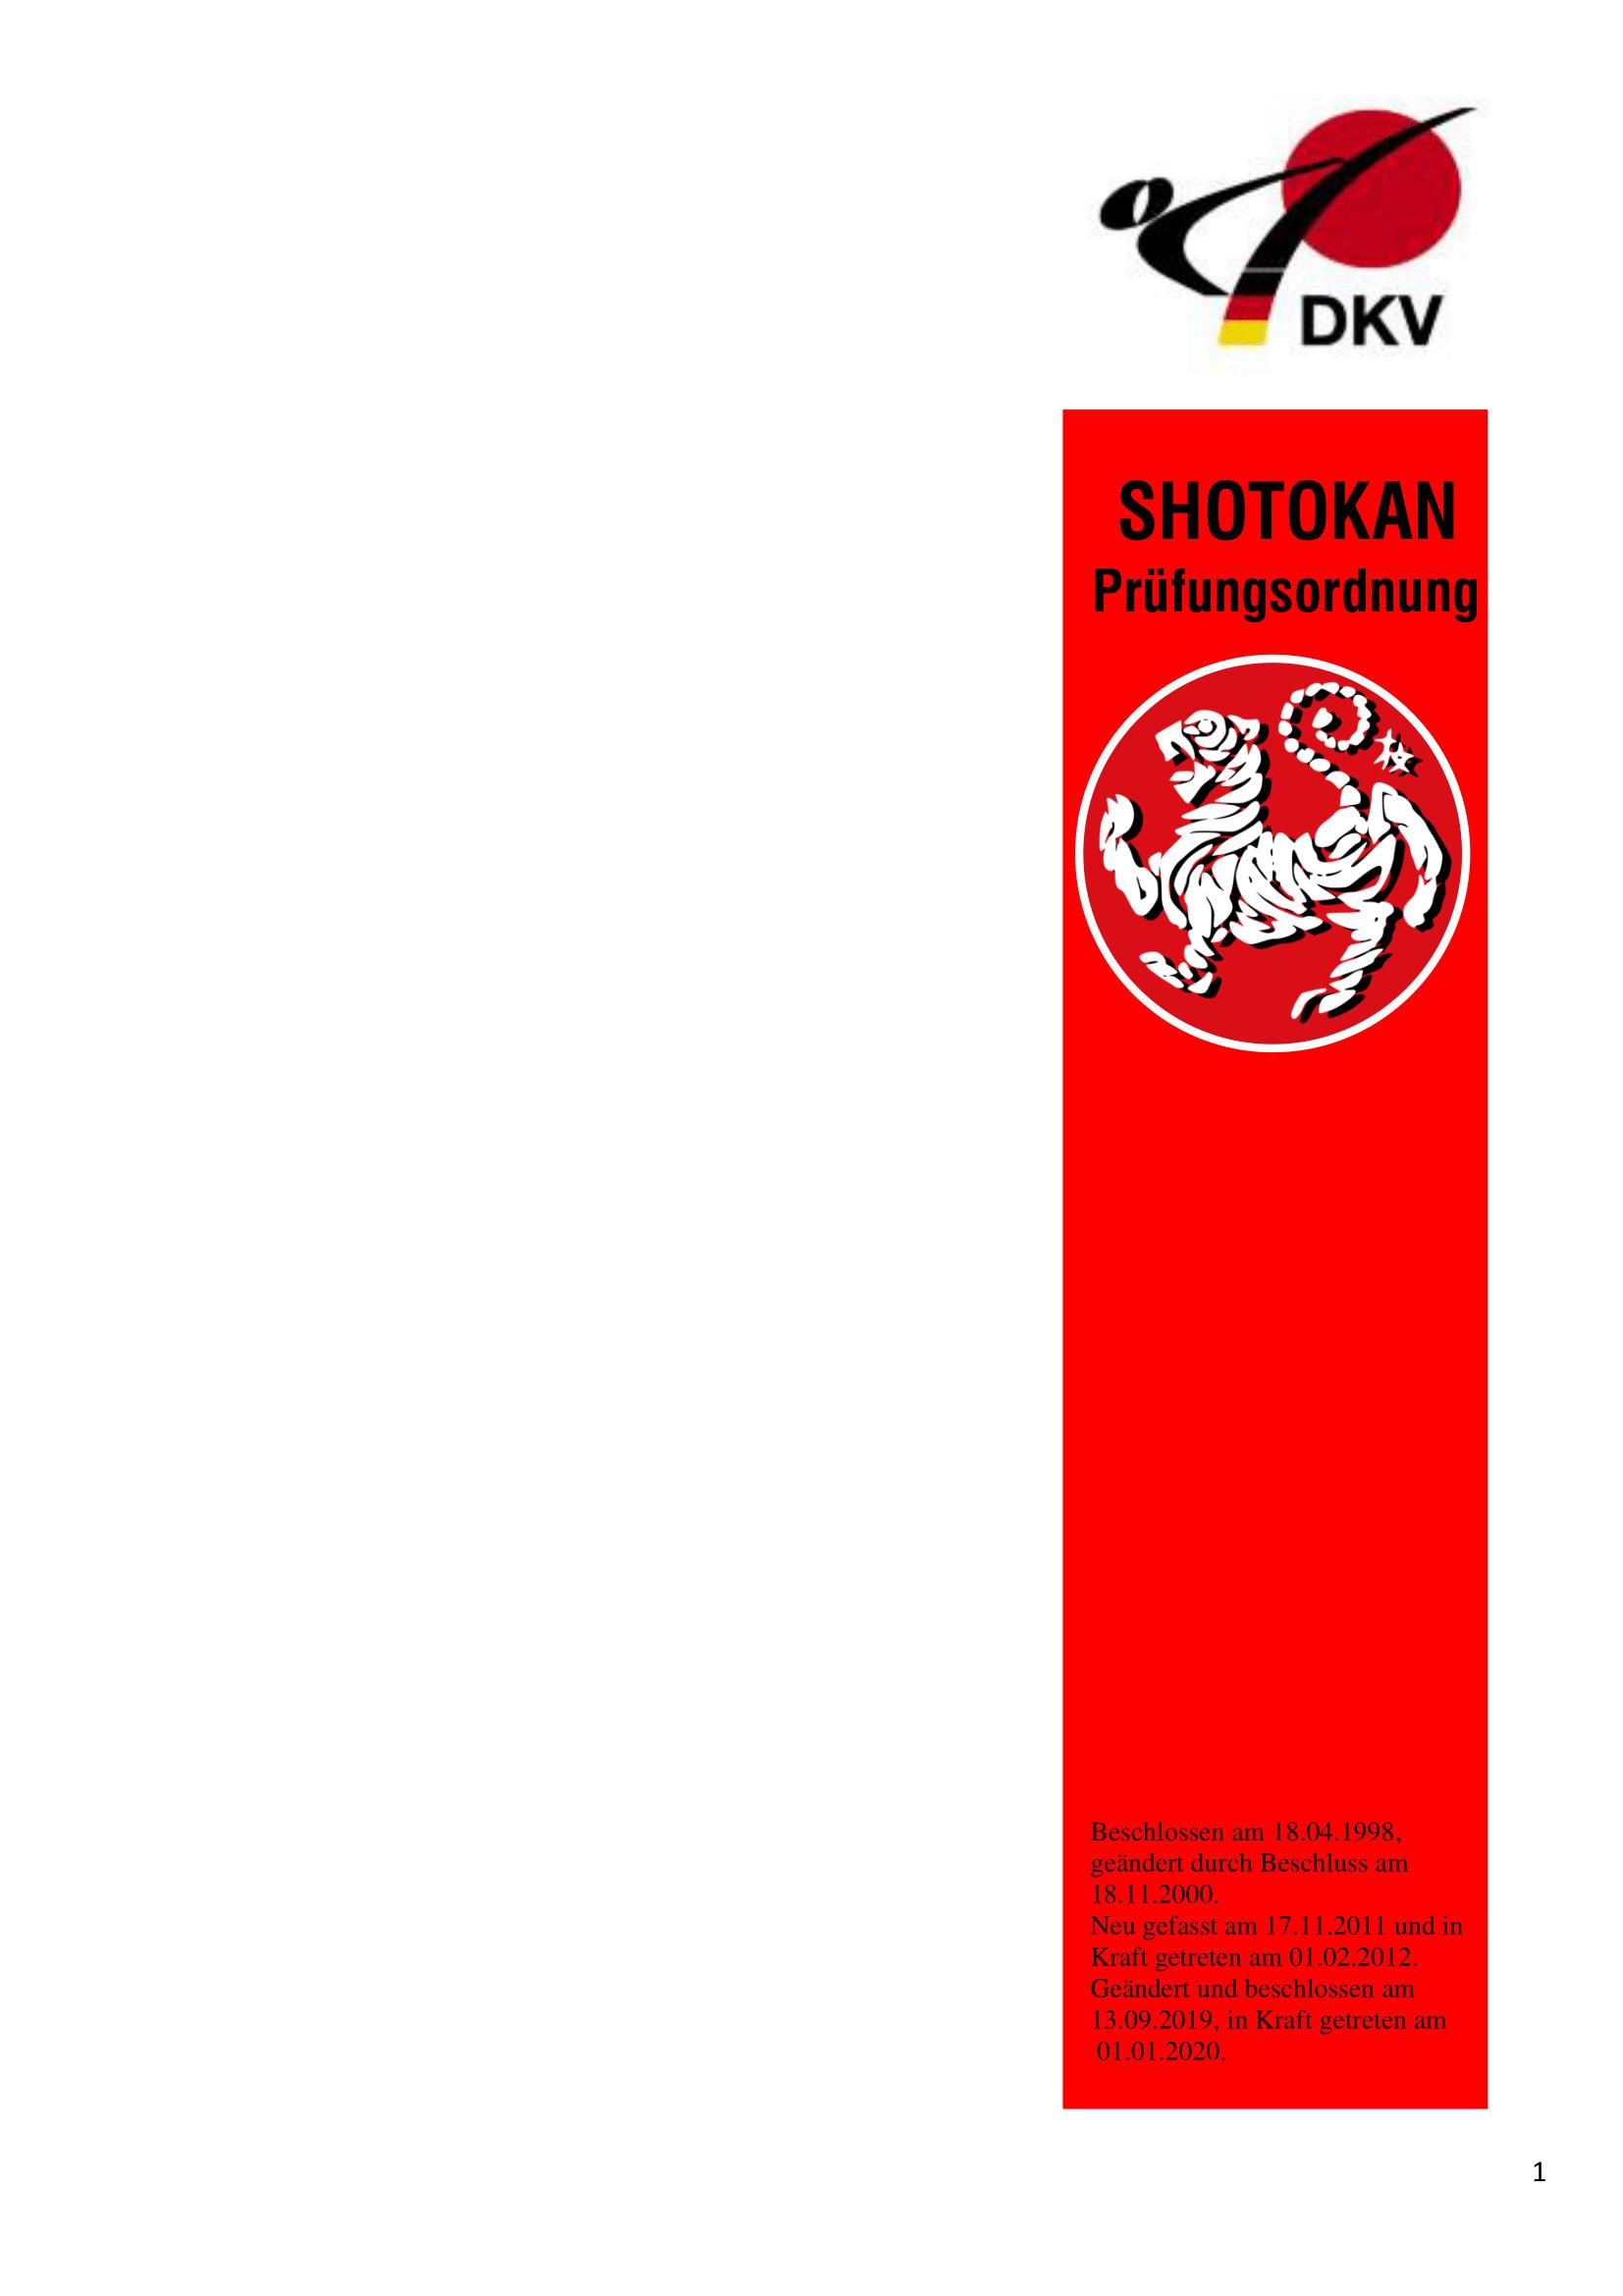 PO-Shotokan-gueltig01012020-01